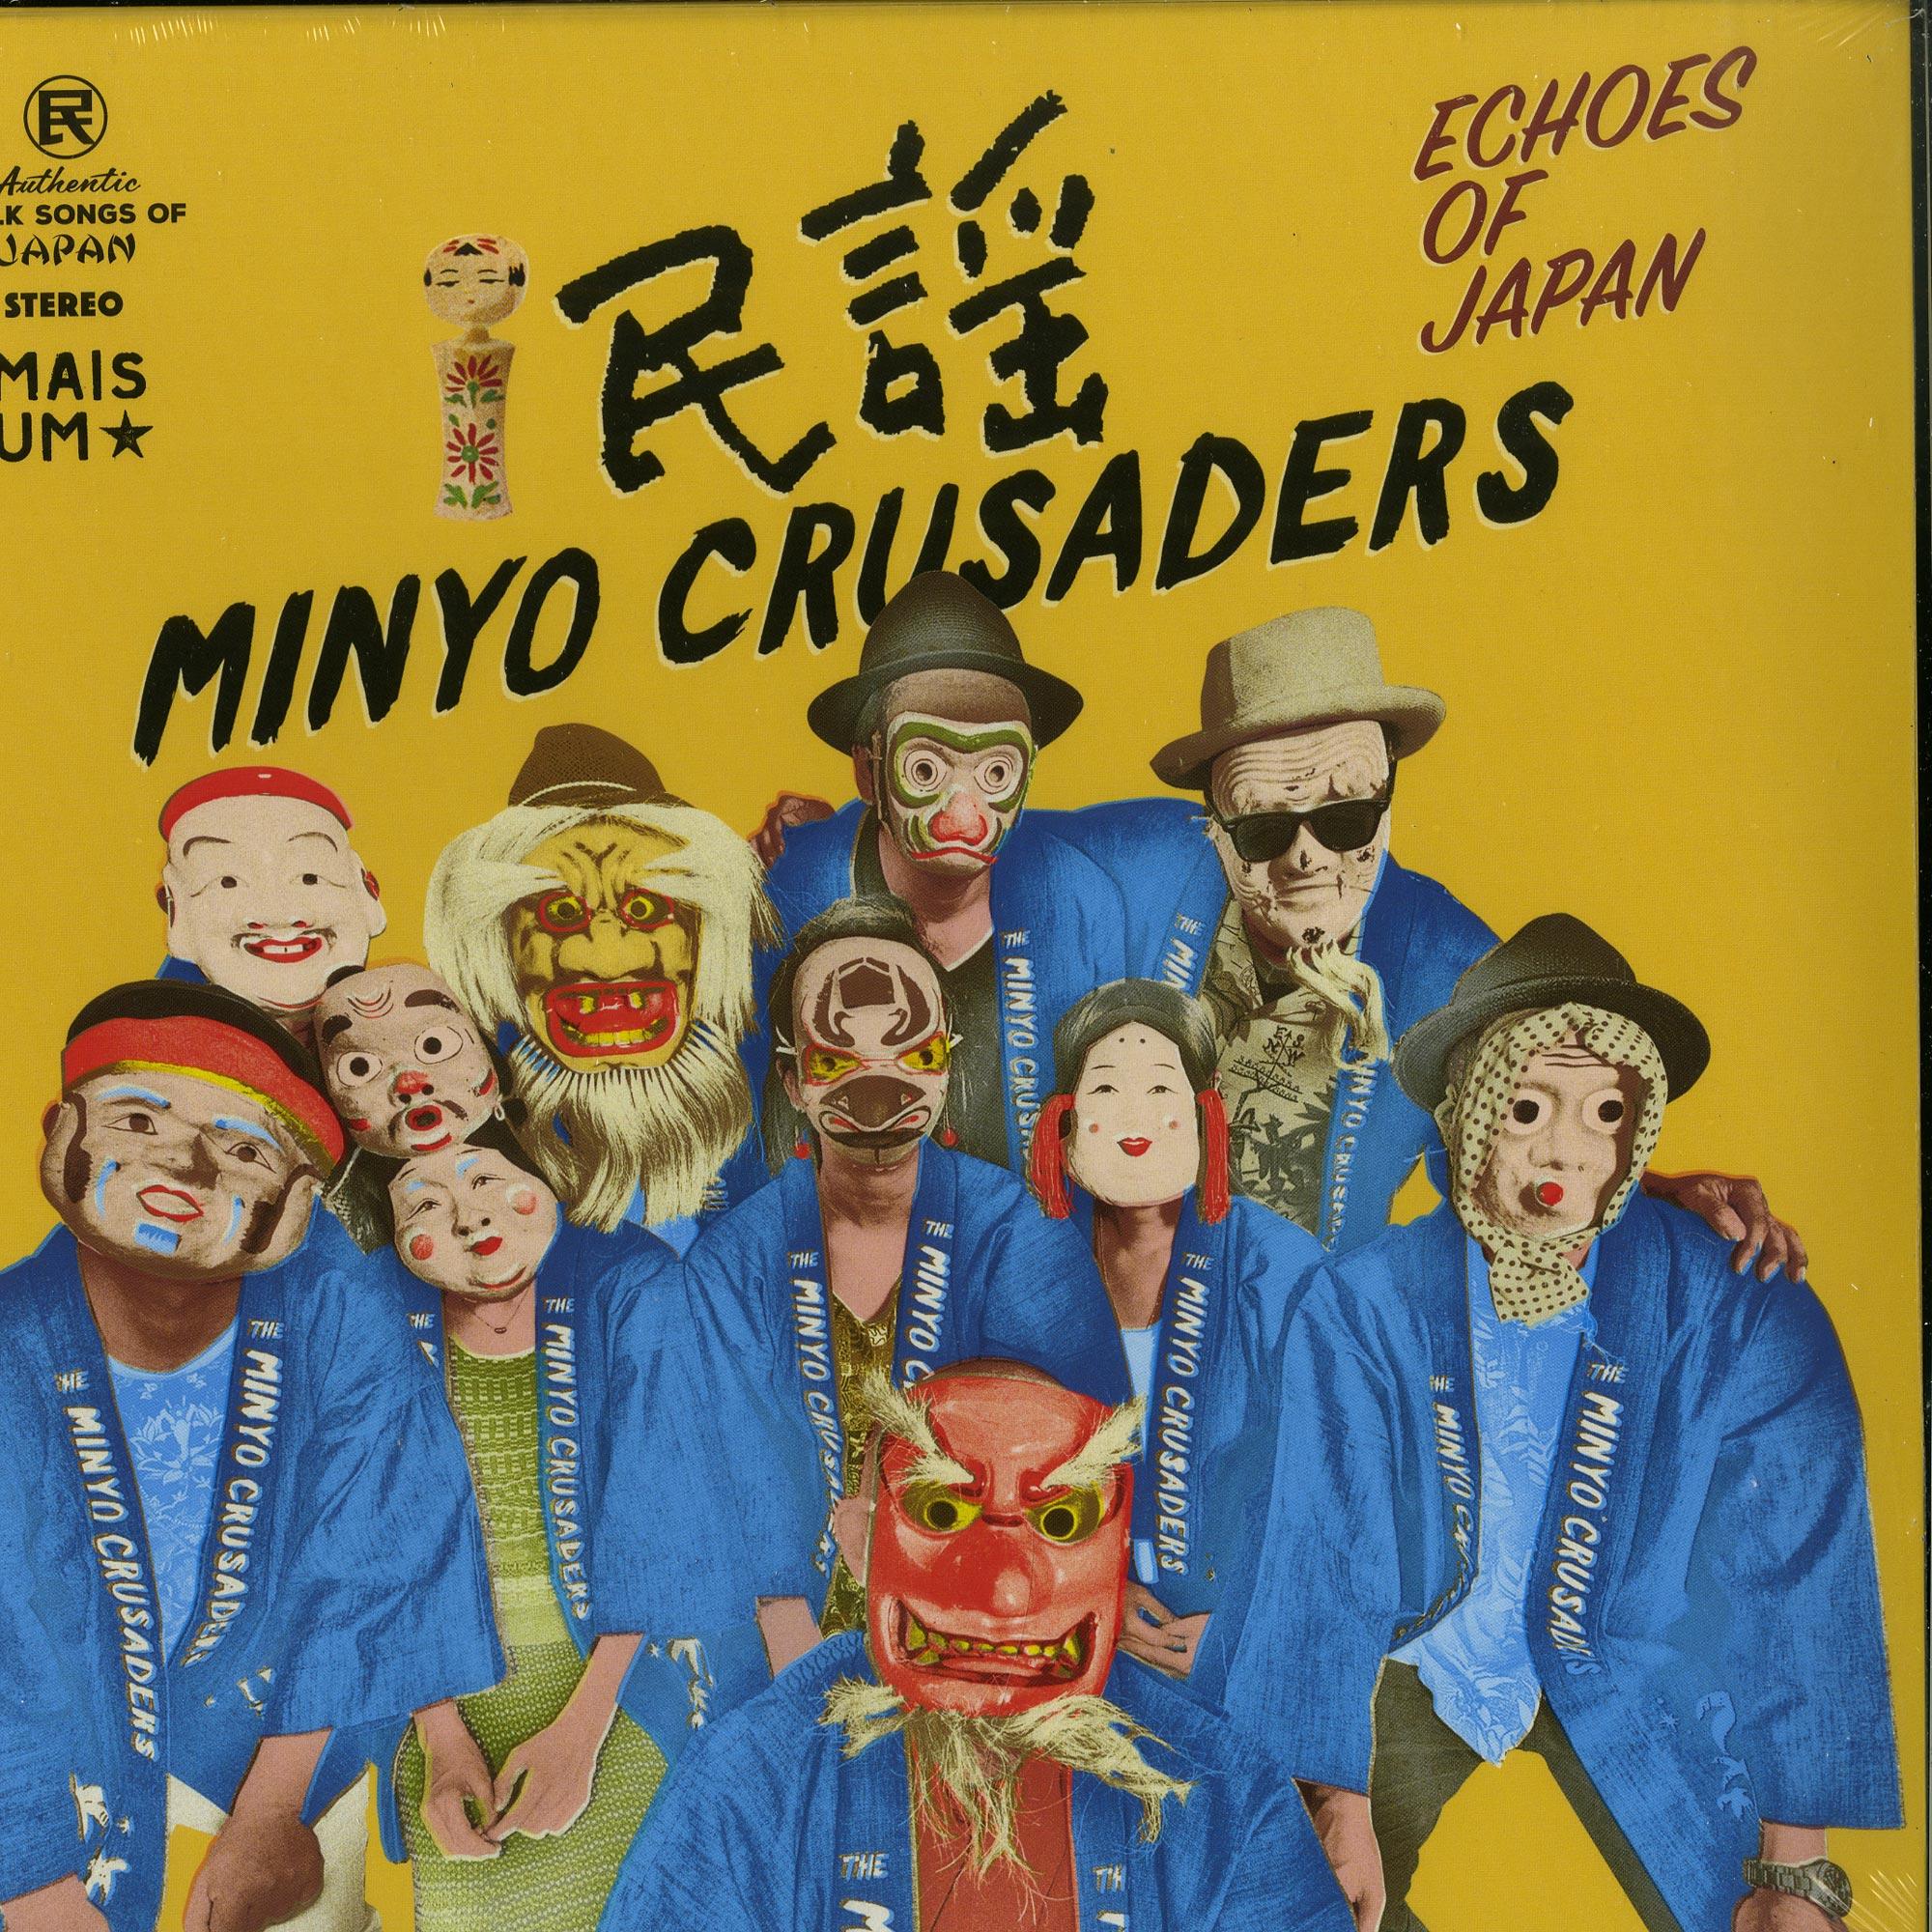 Minyo Crusaders - ECHOES OF JAPAN